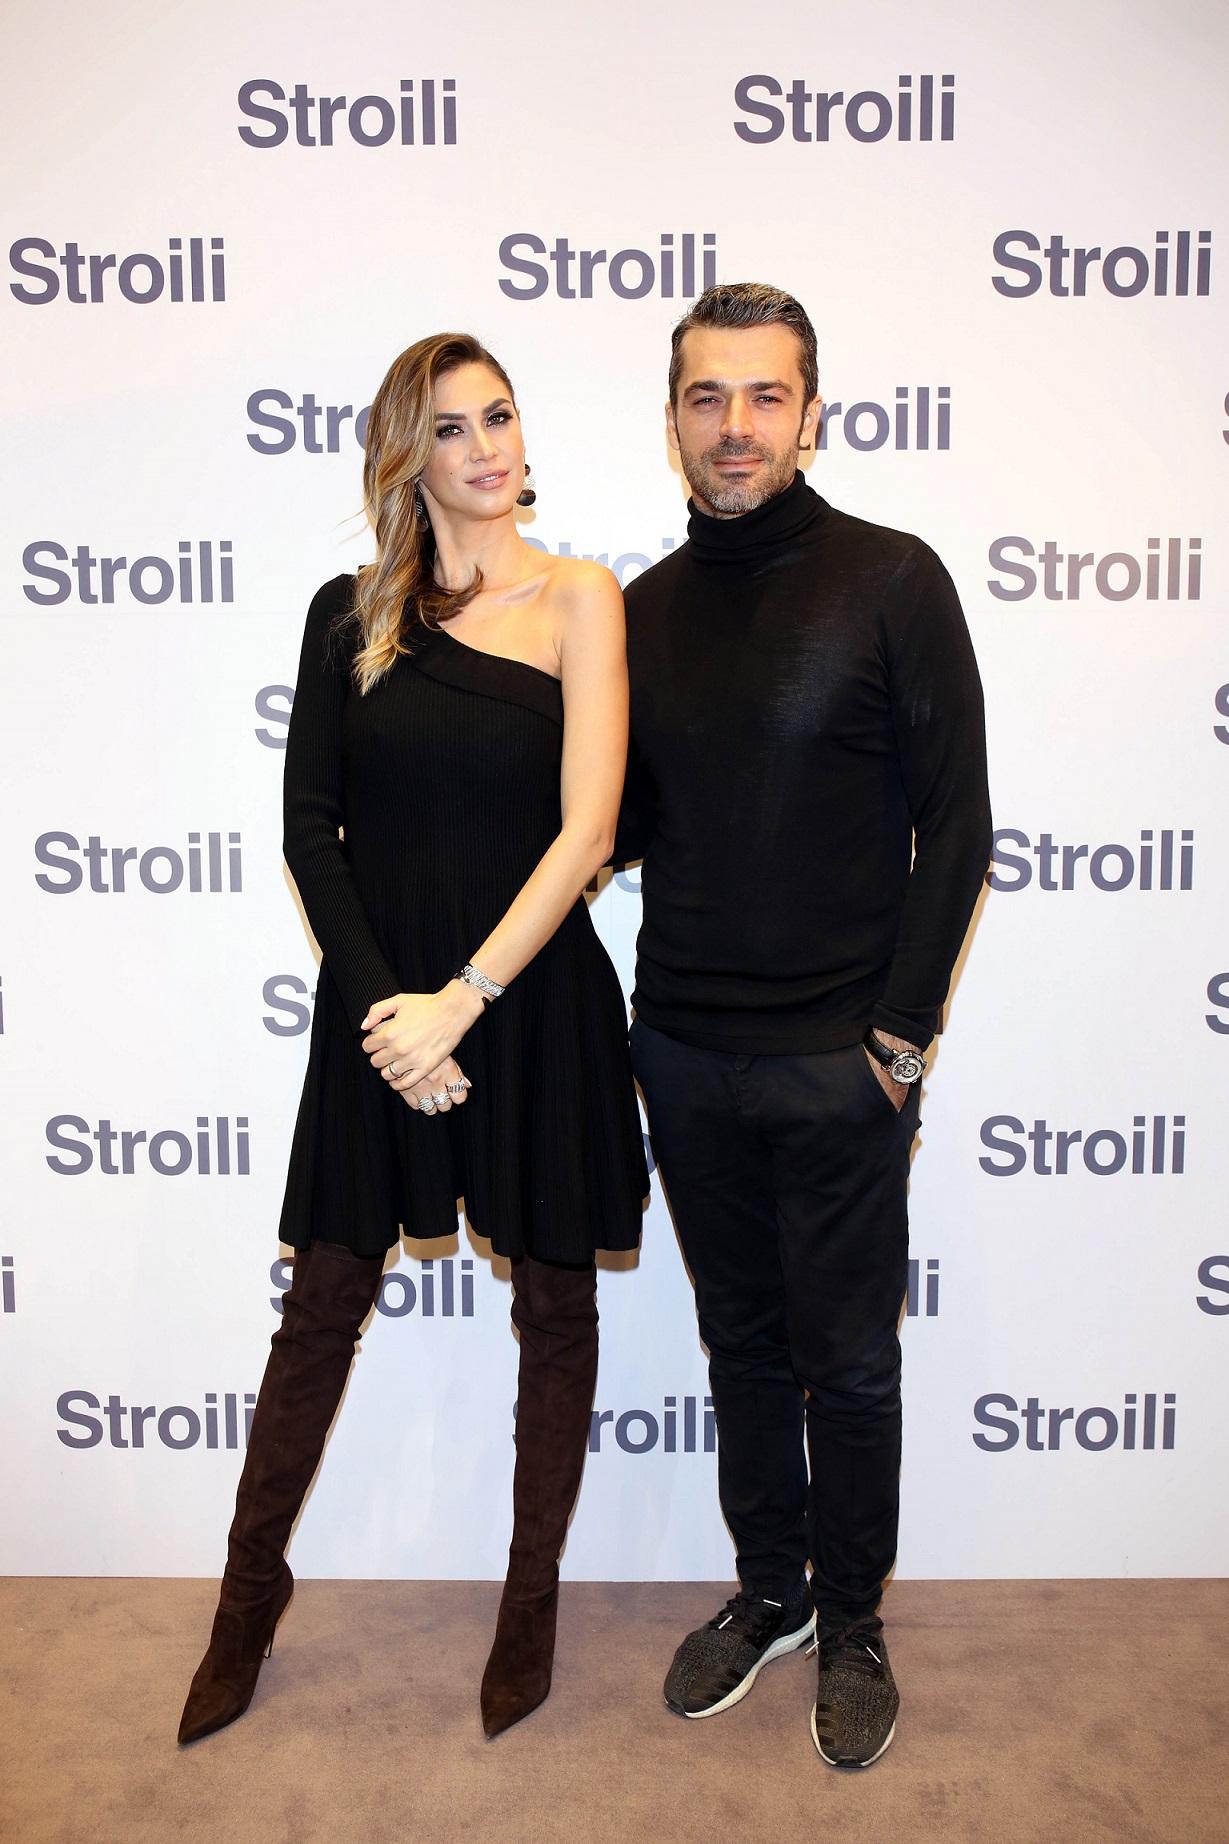 Stroili - Luca Argentero e Melissa Satta